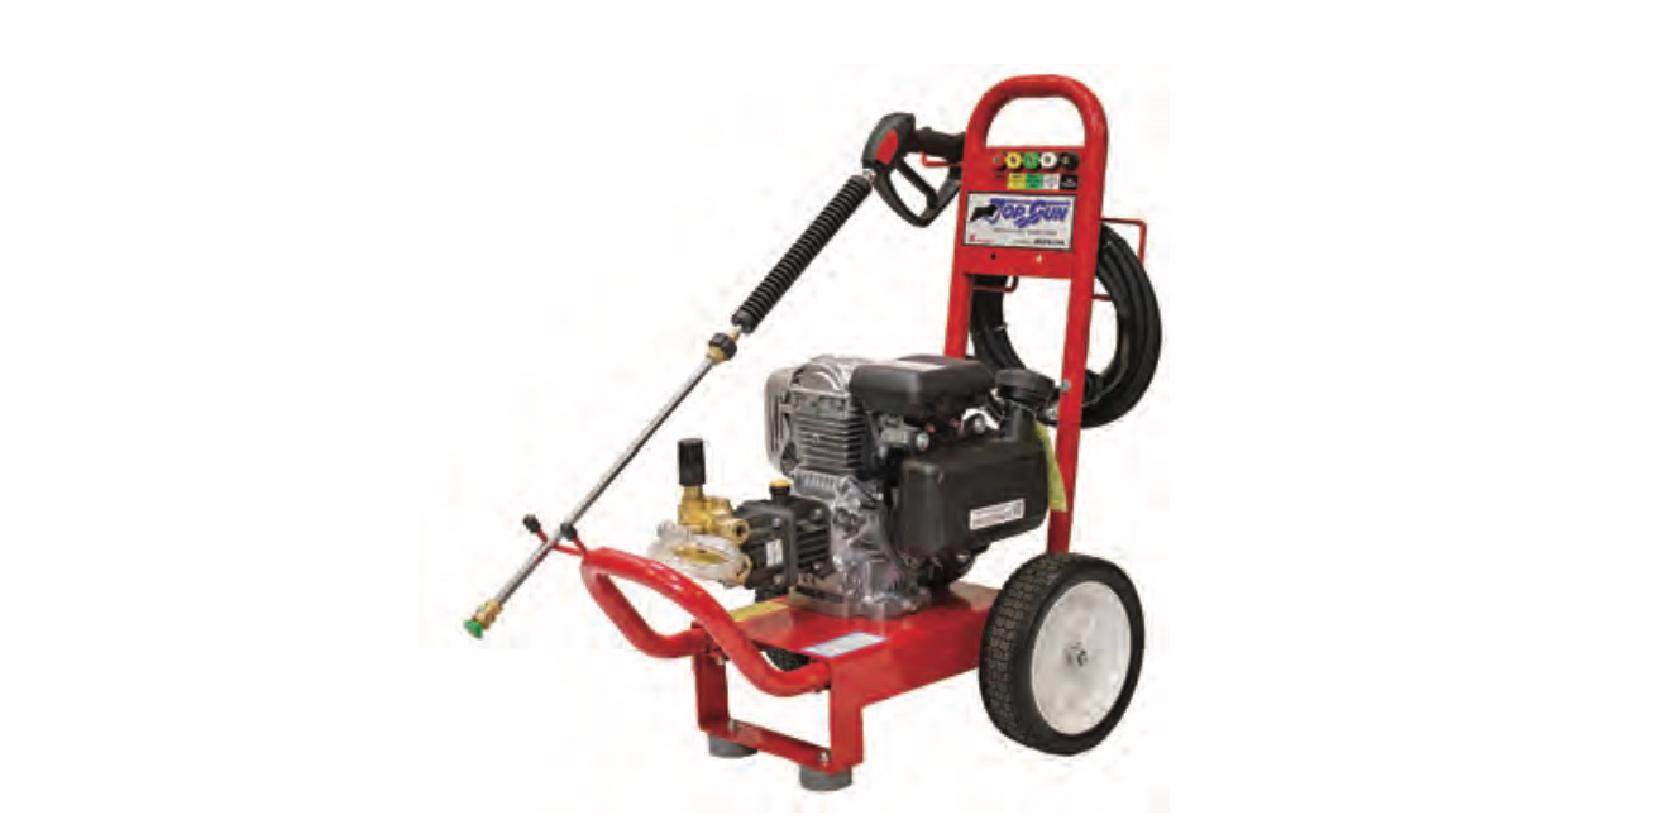 Pressure Washer Gun >> Top Gun Pc160rb2529 Bxd Pressure Washer